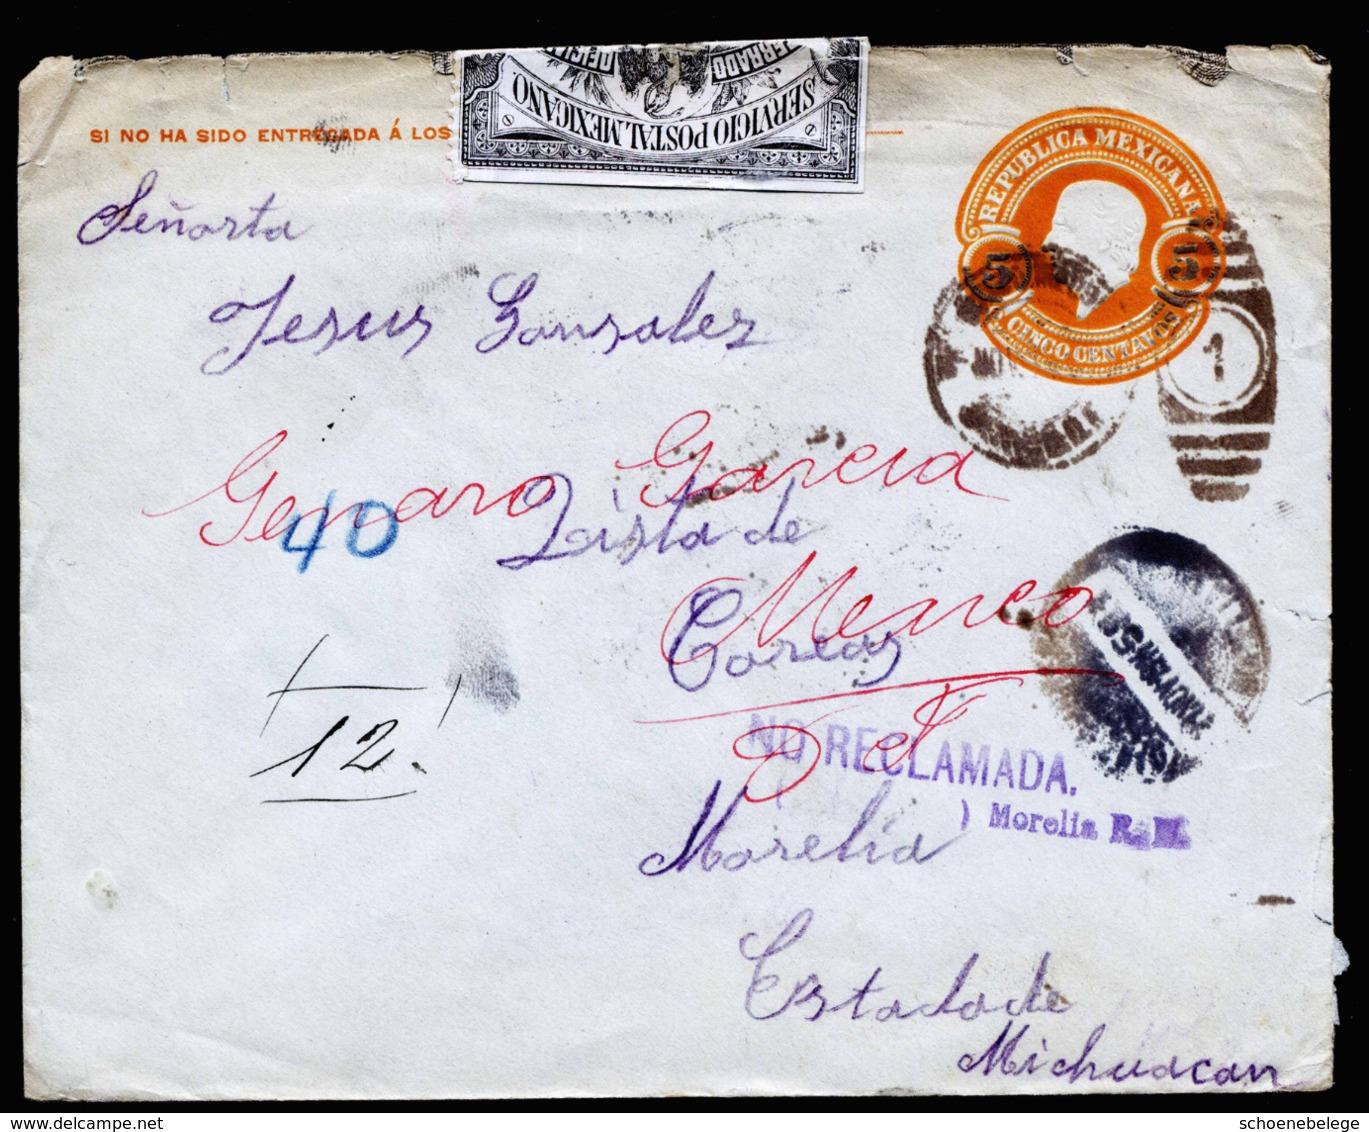 A6299) Mexico Cover 1914 NO RECLAMADA Unzustellbar AMTLICH Geöffnet SELTEN RARE - Mexiko